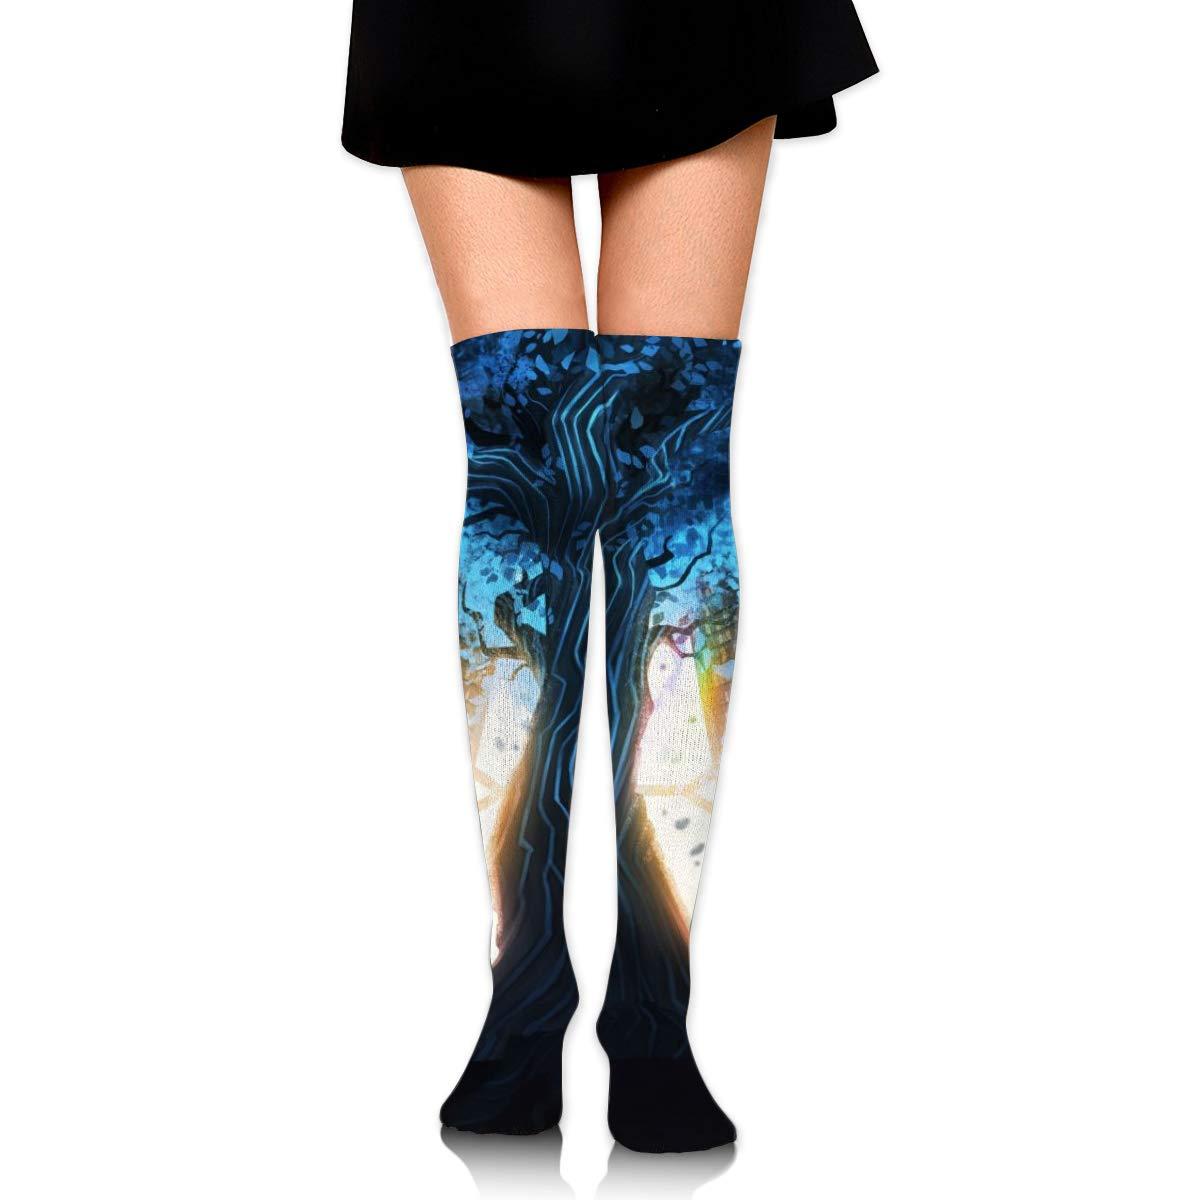 Kjaoi Girl Skirt Socks Uniform Library Bookshelf Tree Women Tube Socks Compression Socks